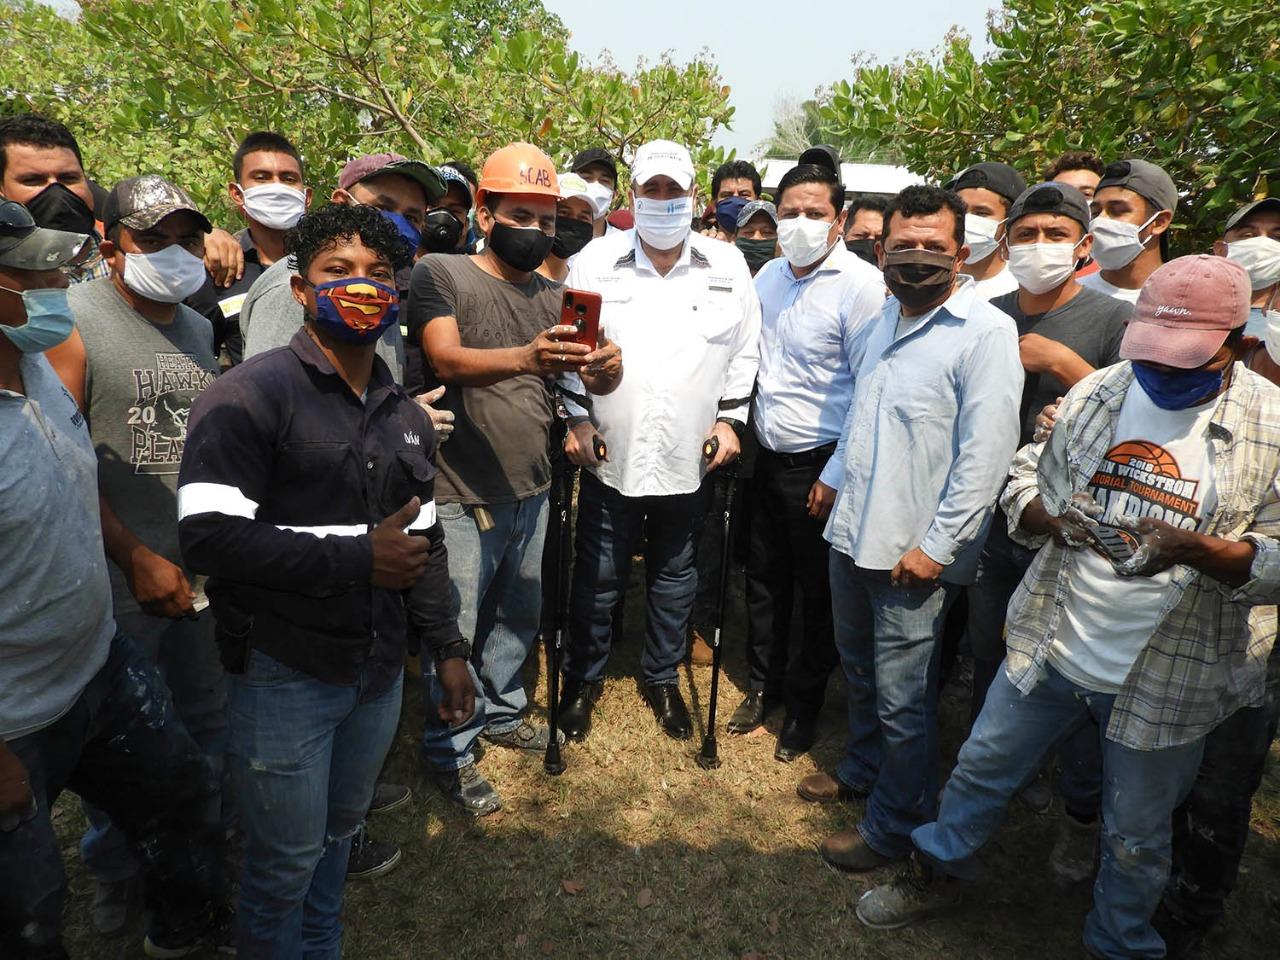 Alejandro Giammattei en una foto junto con el personal de gobierno y trabajadores locales en el área donde construirán el hospital temporal de Petén, el 14 de abril.